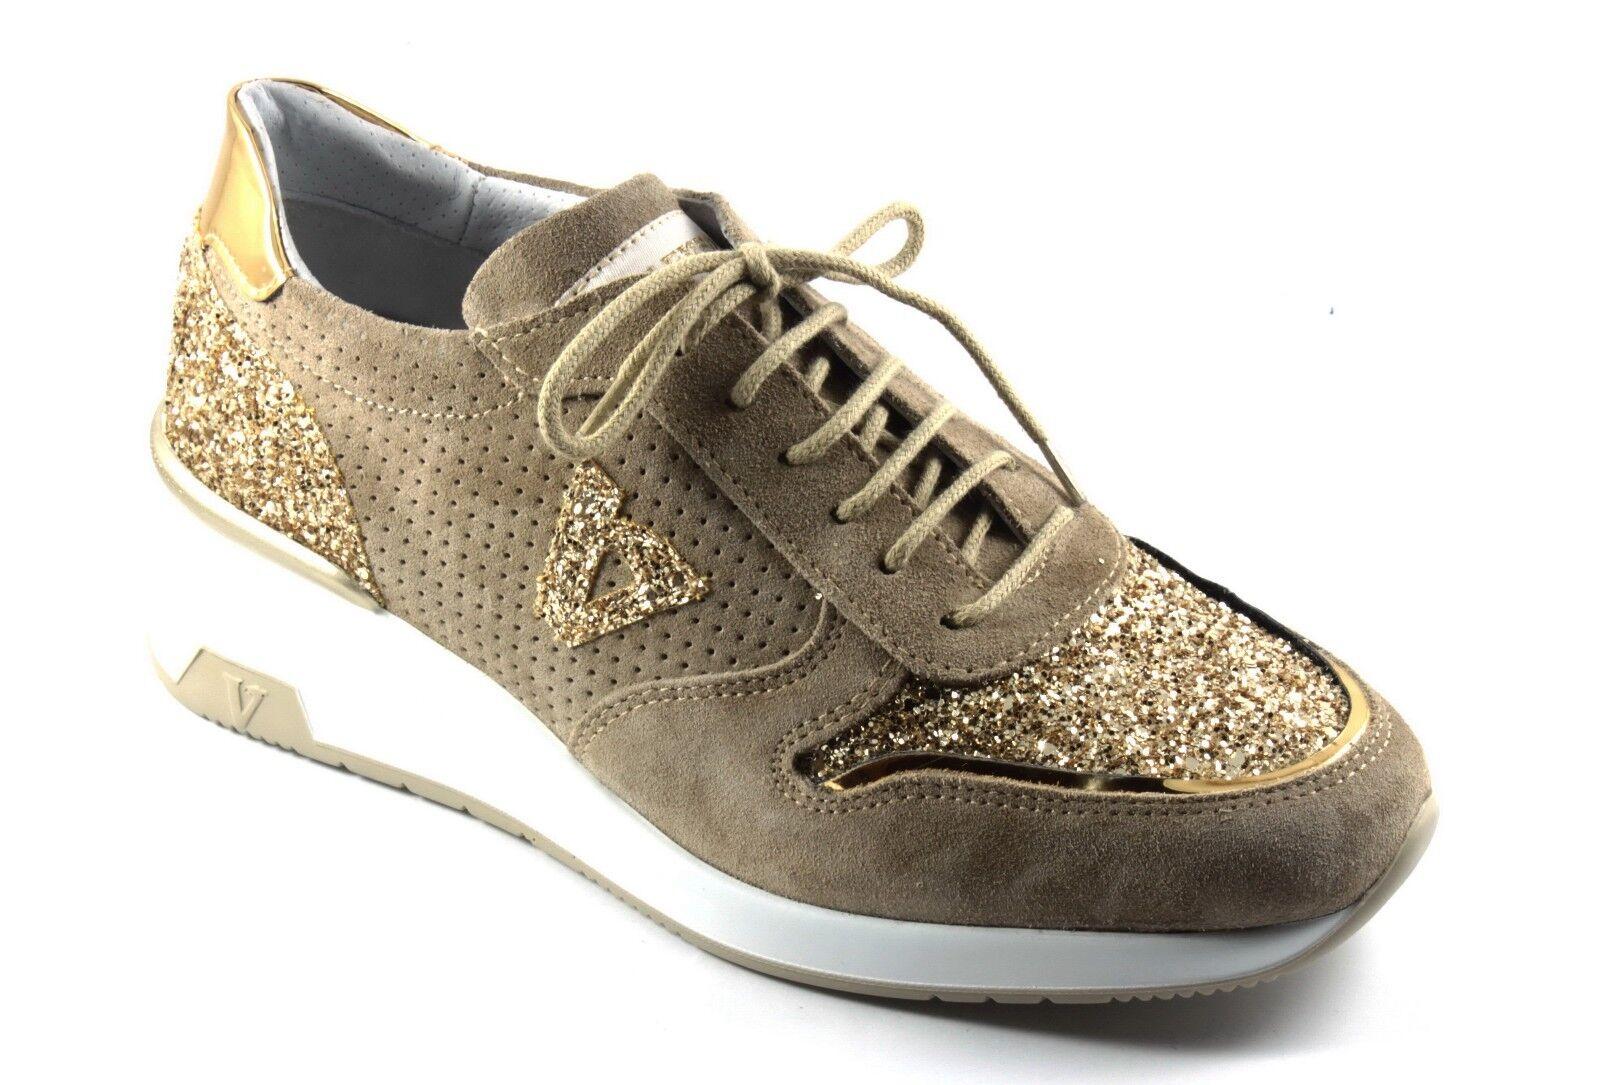 VALLEverde zapatos zapatillas TENNIS mujer CASUAL ZEPPA ALLACCIATE SABBIA n.36 n.36 n.36  Esperando por ti